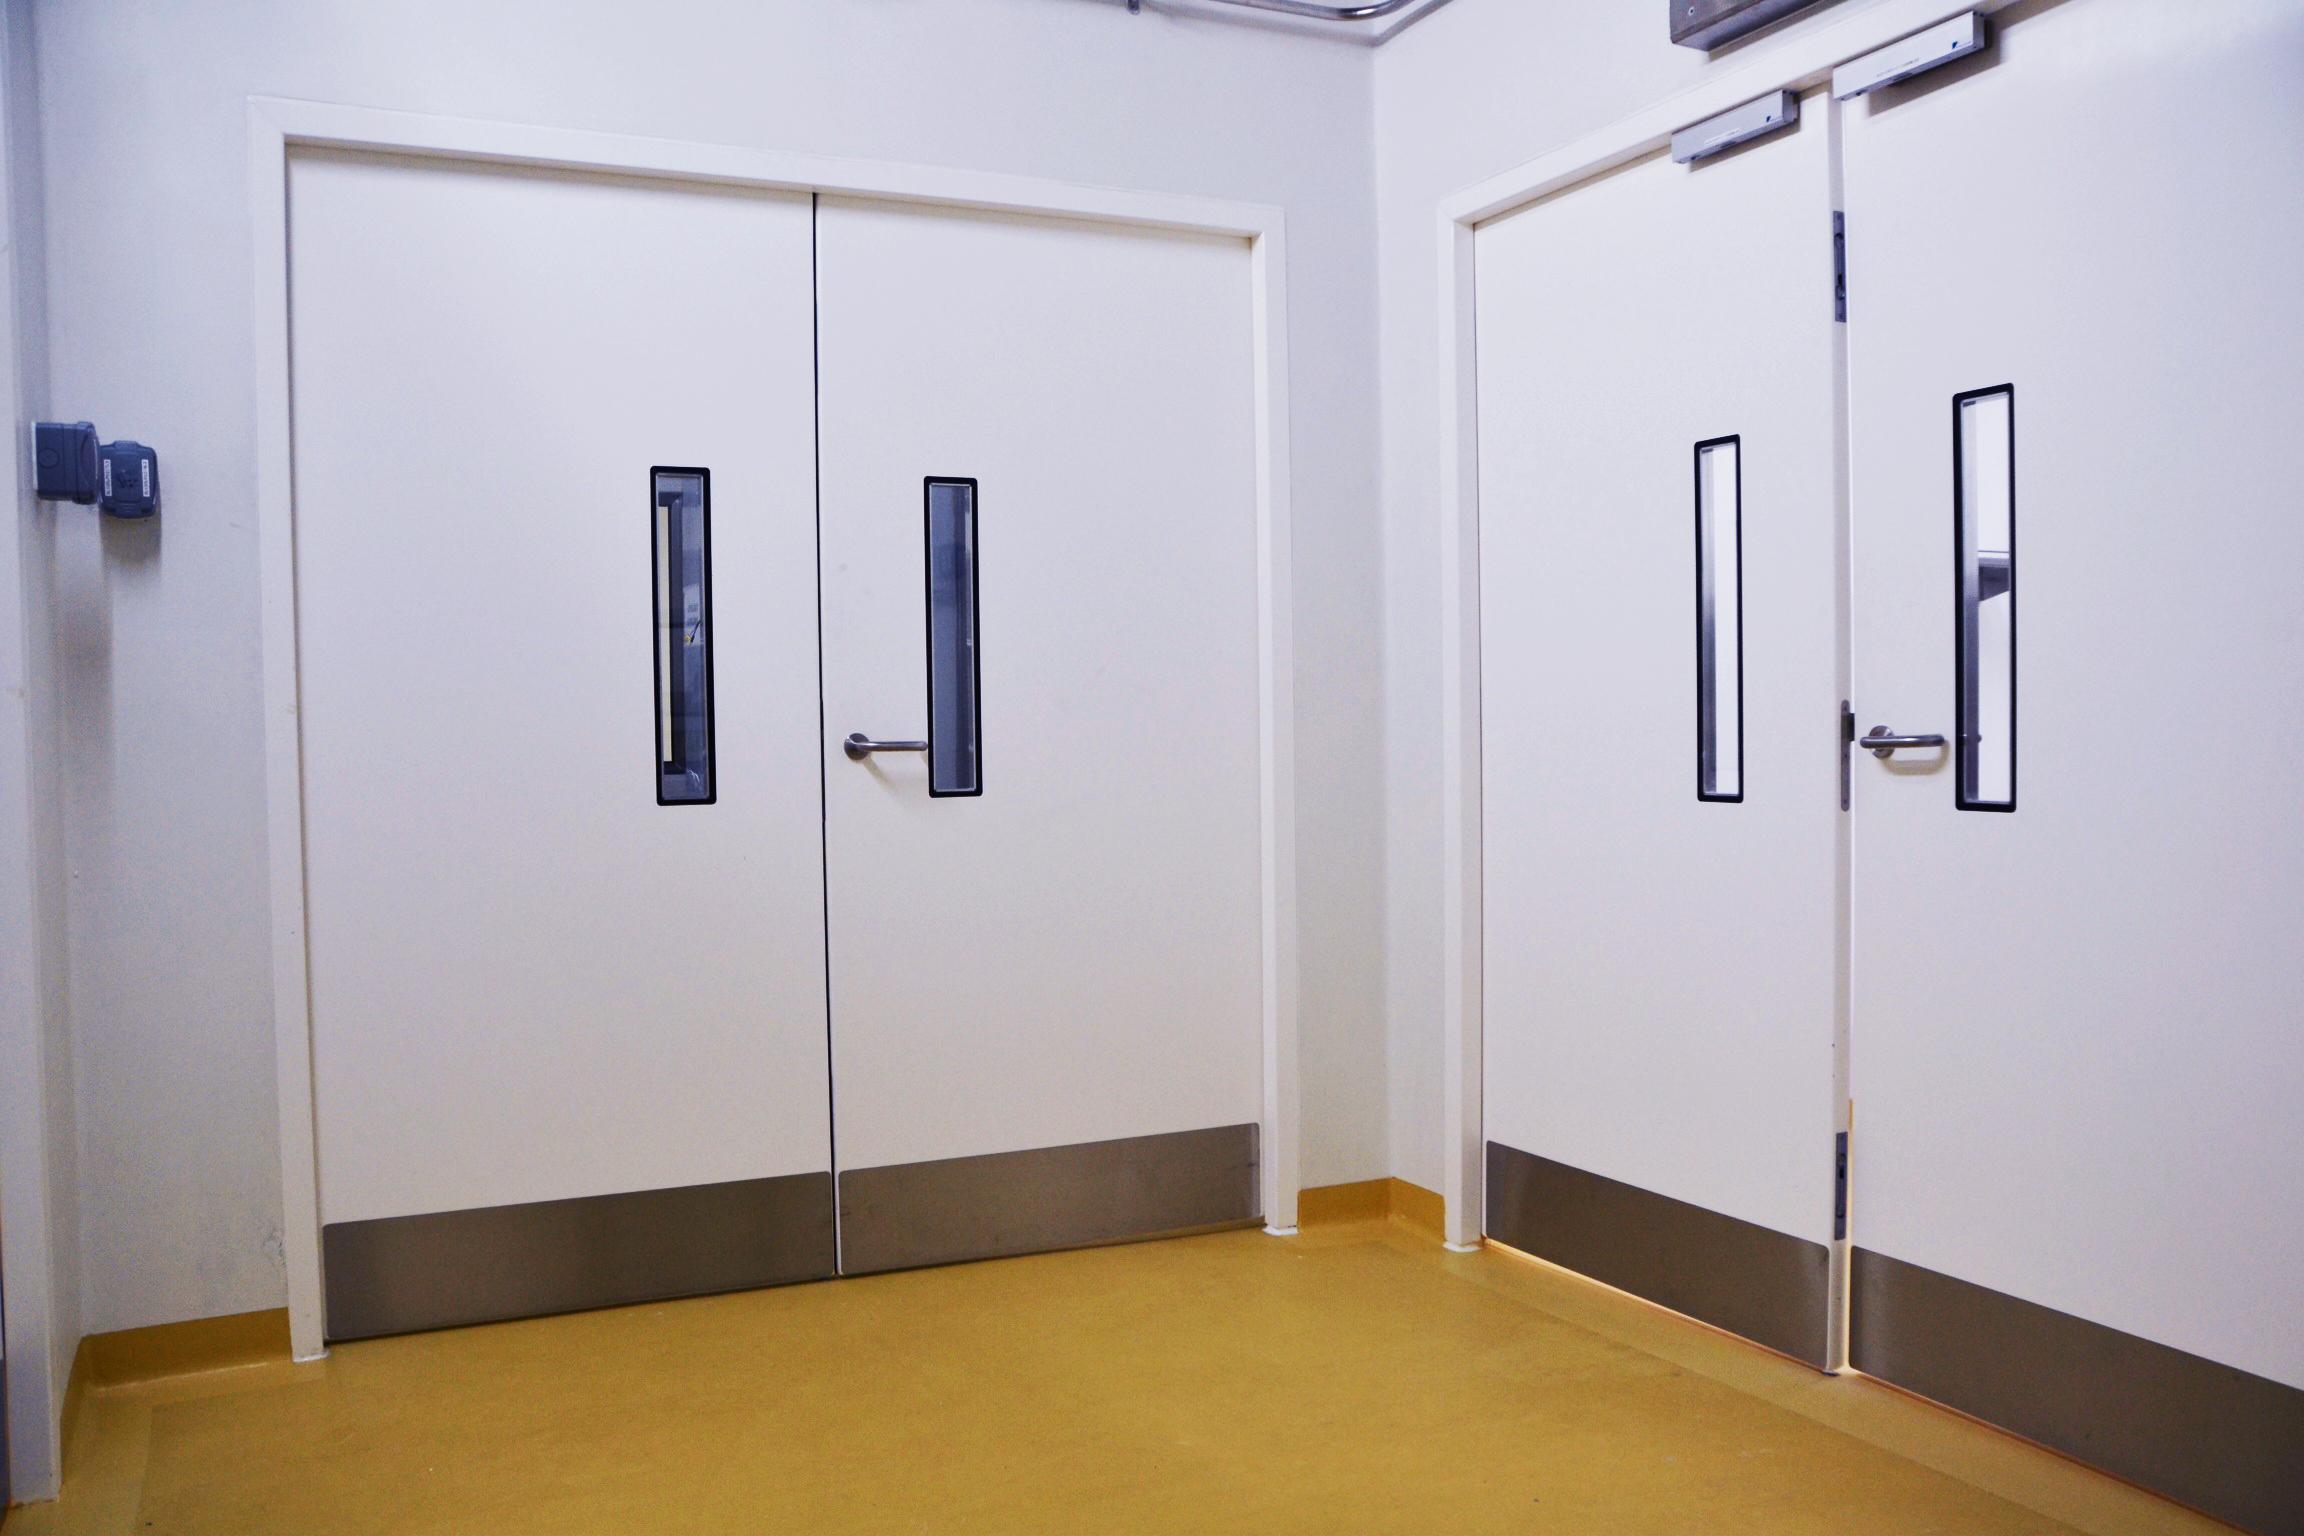 Dortek hygienic doors infant nutrition